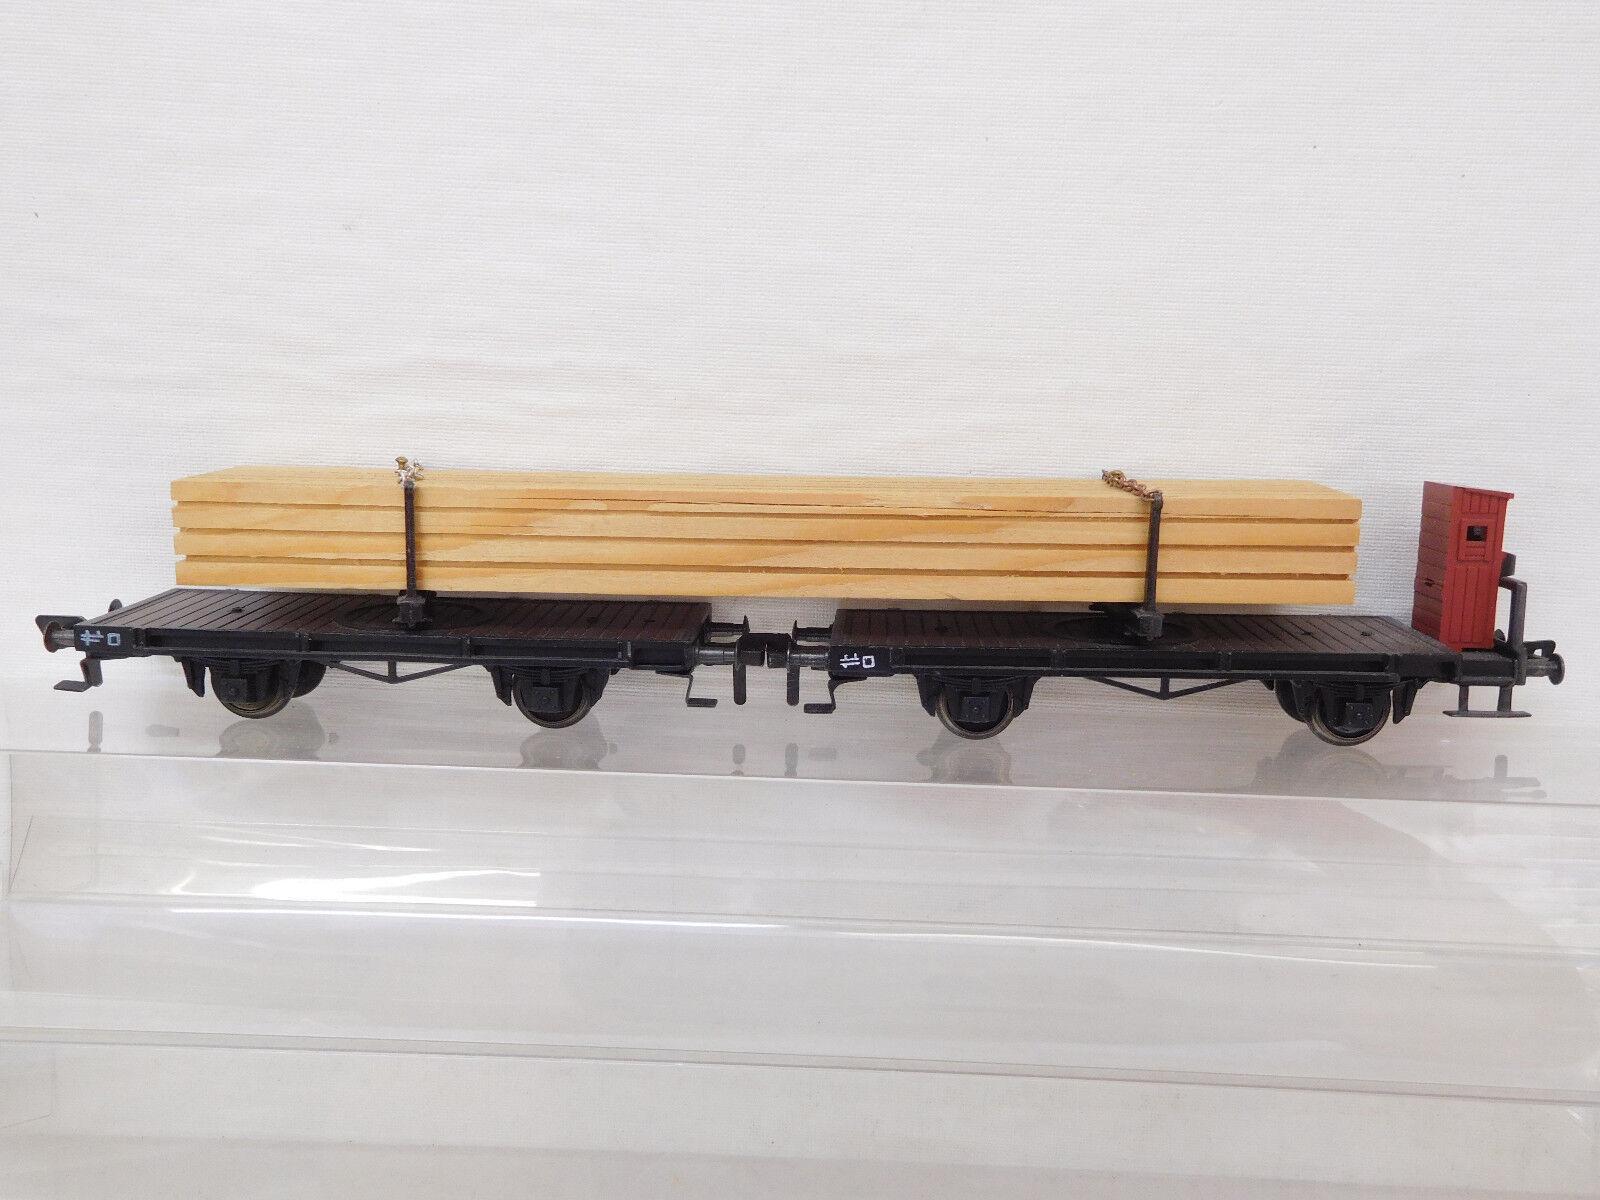 MES-54693 Fleischmann 1493 H0 Holztransport sehr guter Zustand  | Spezielle Funktion